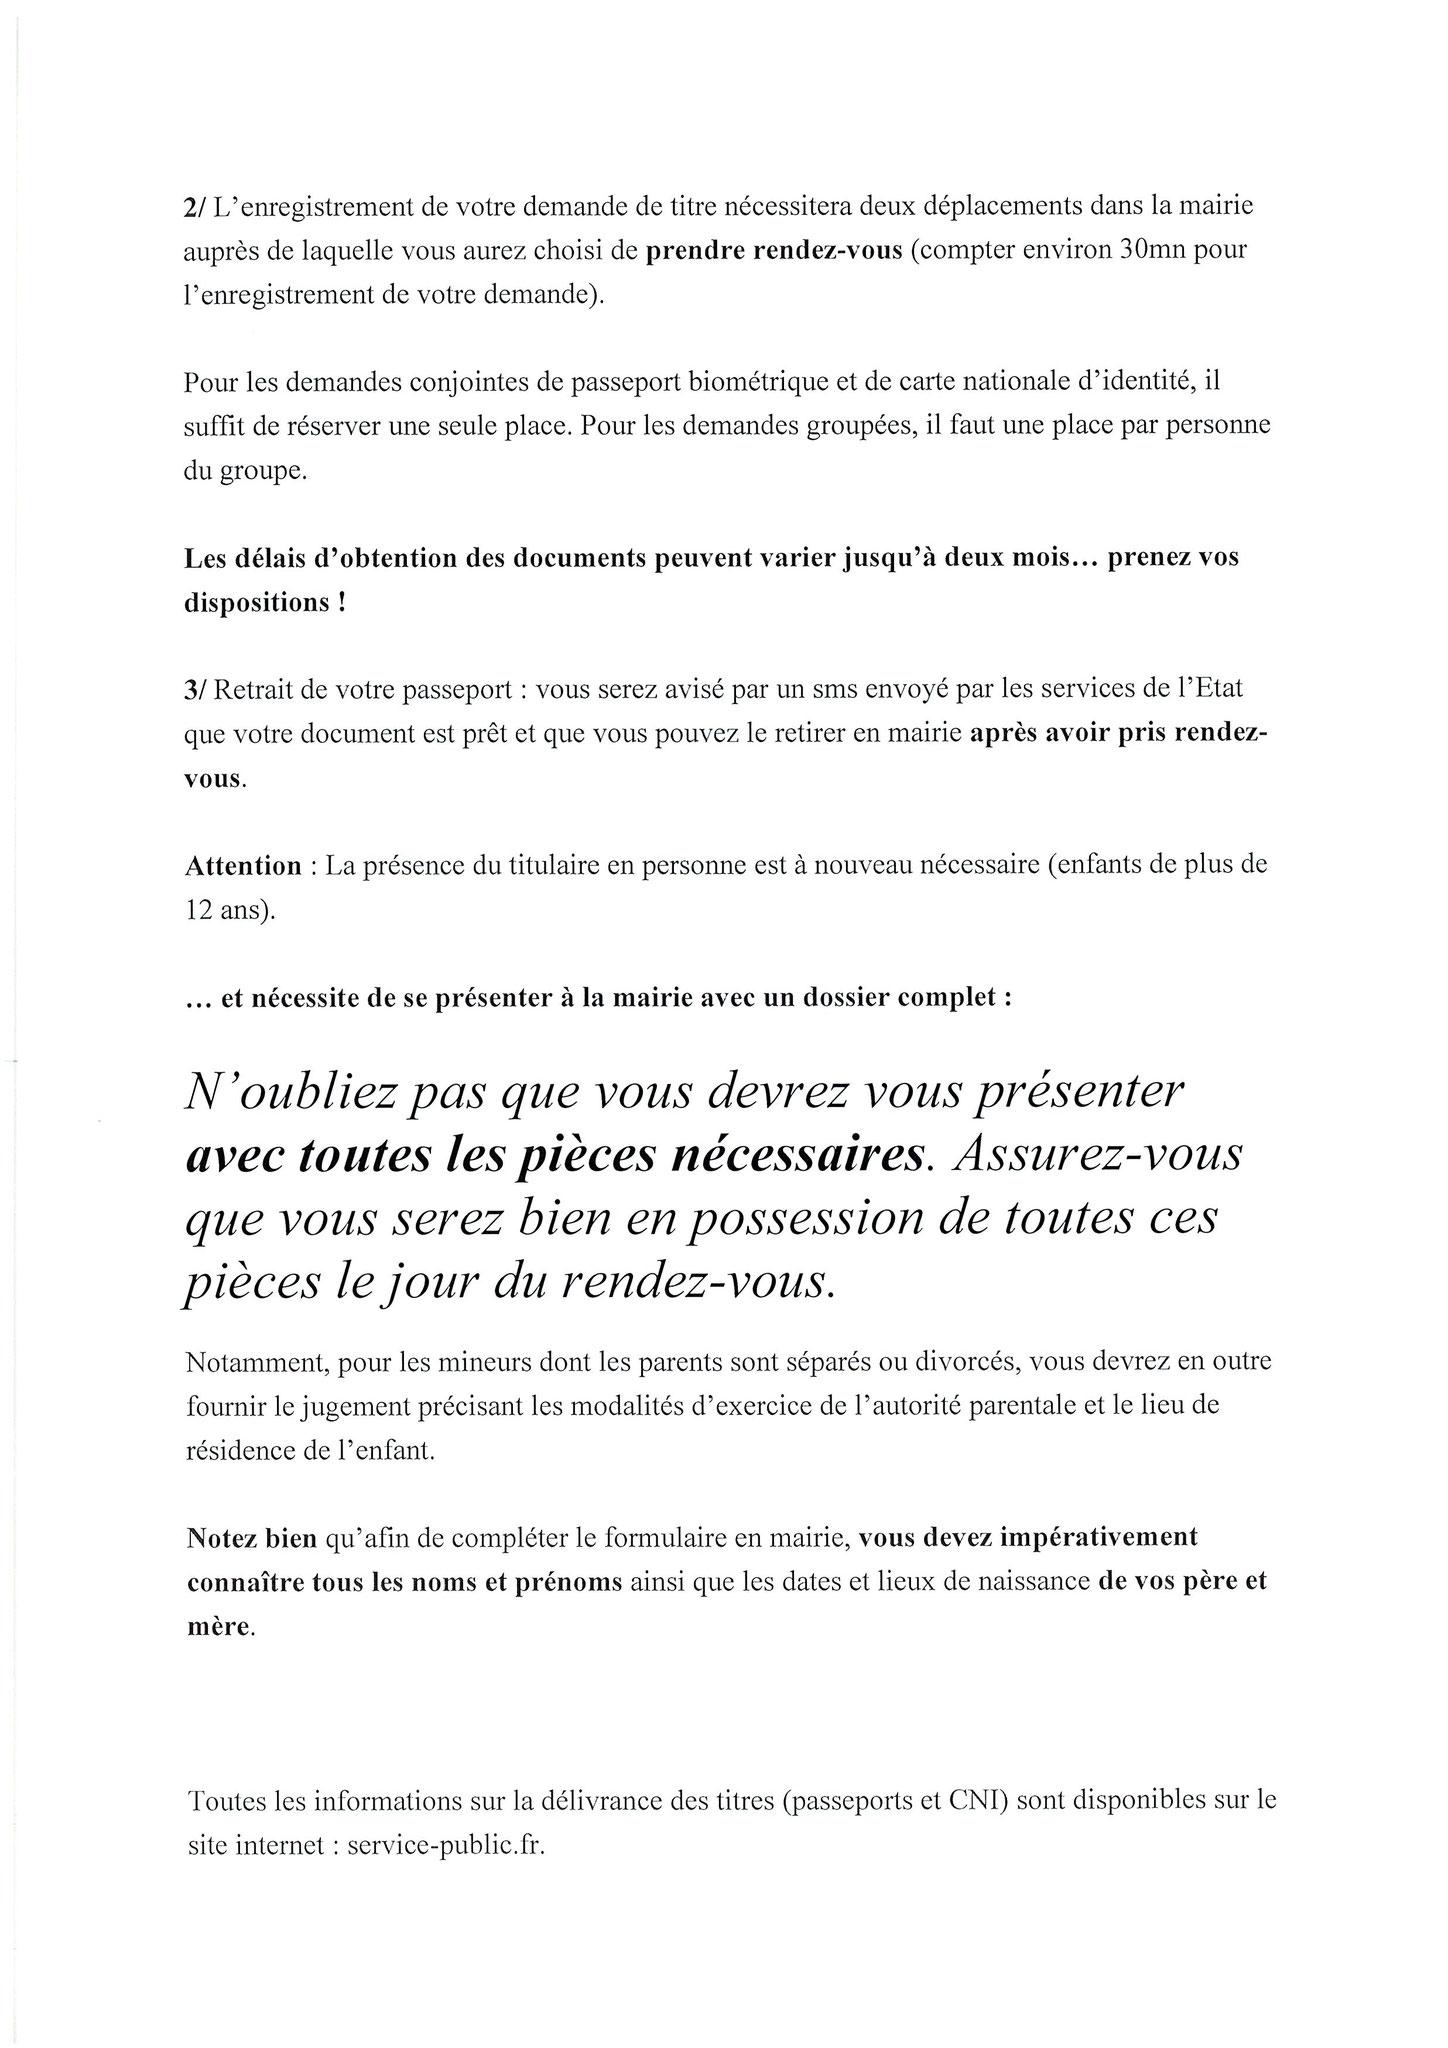 attestation de renouvellement de carte d identité pour voyager Info carte d'identité et passeport   Mairie de Copponex